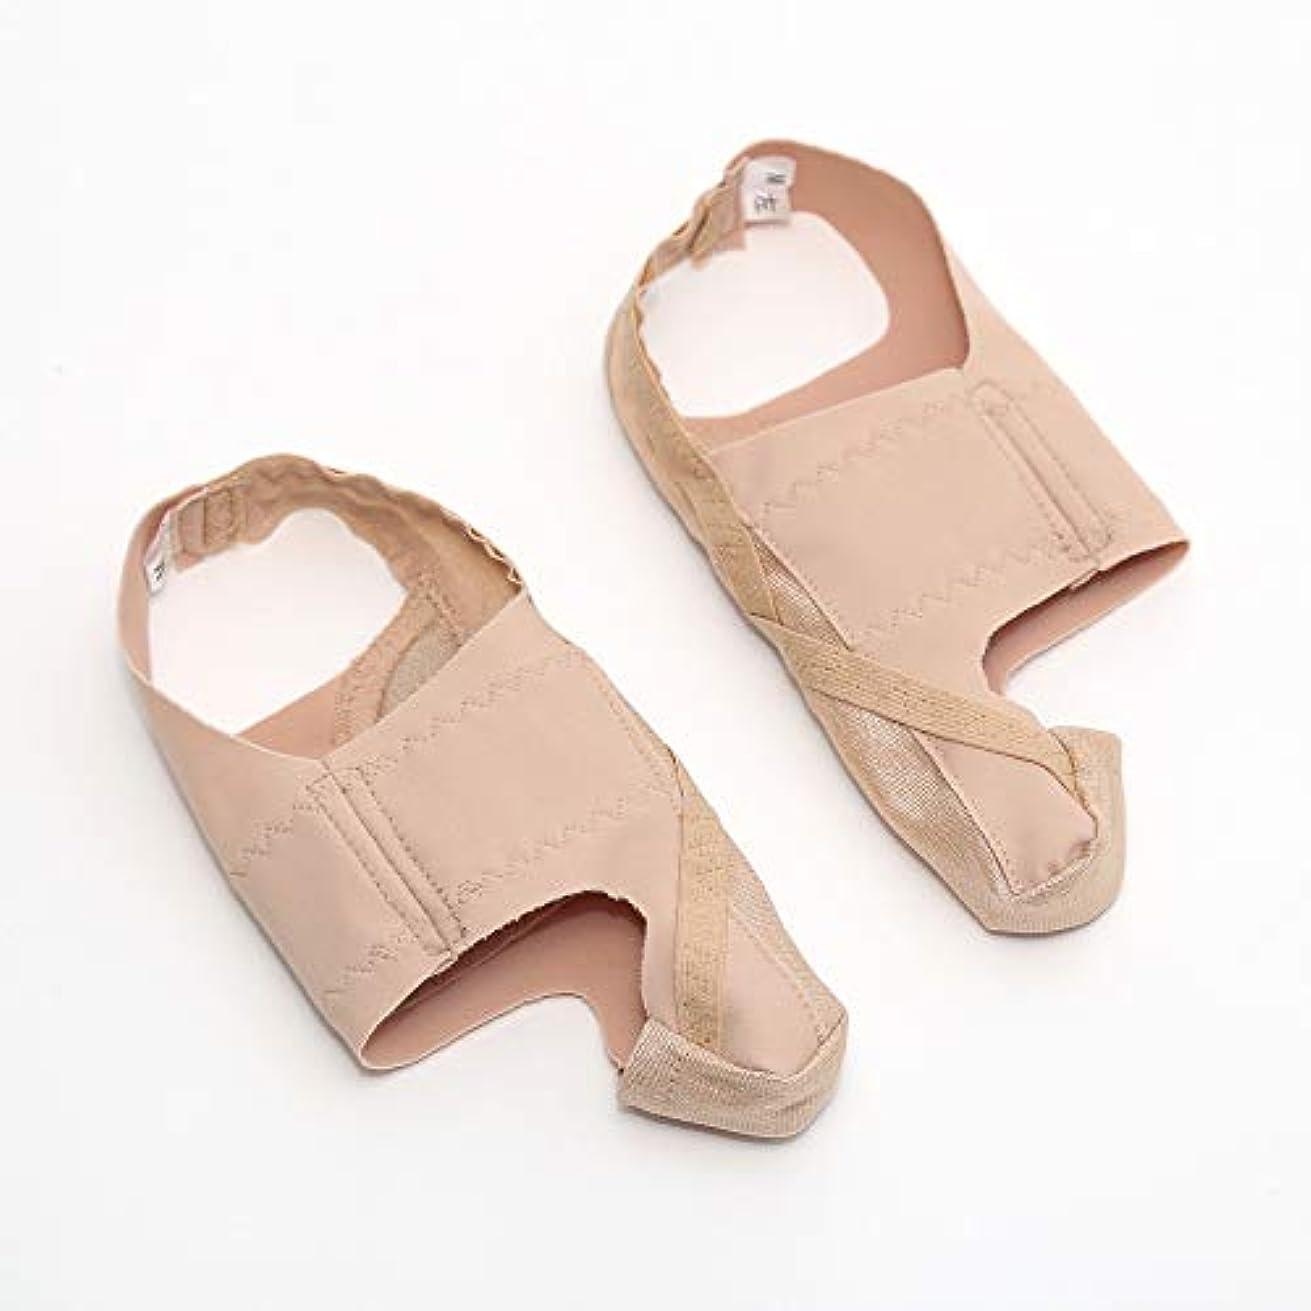 ペンダント水分好色な靴も履けるんデス EX Mサイズ コエンザイムQ10 美容エッセンスマスク付セット